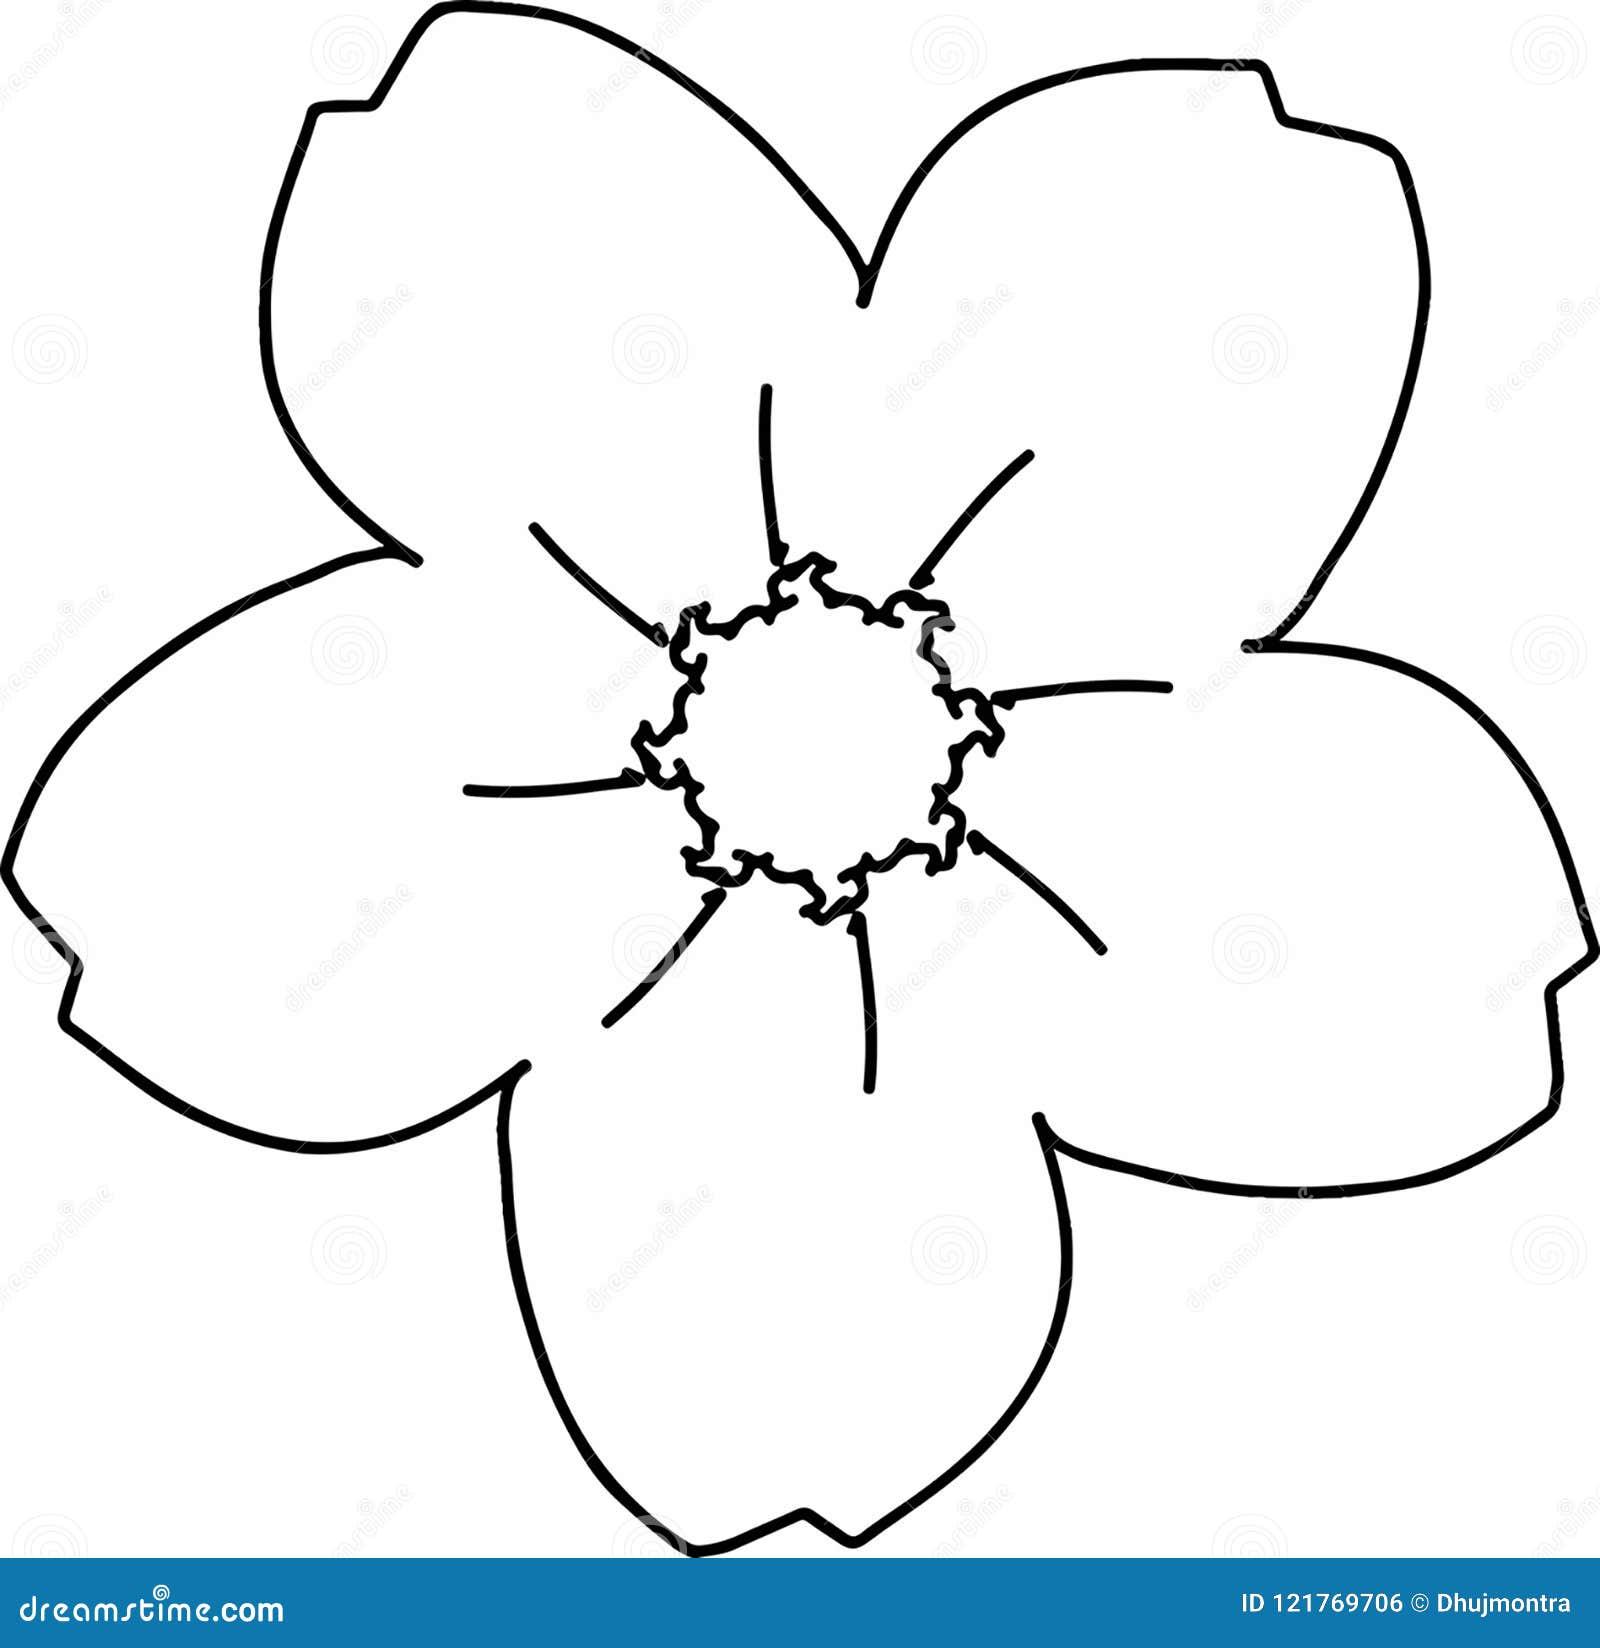 Desenho Da Flor De Cerejeira De Cinco Petalas Ilustracao Do Vetor